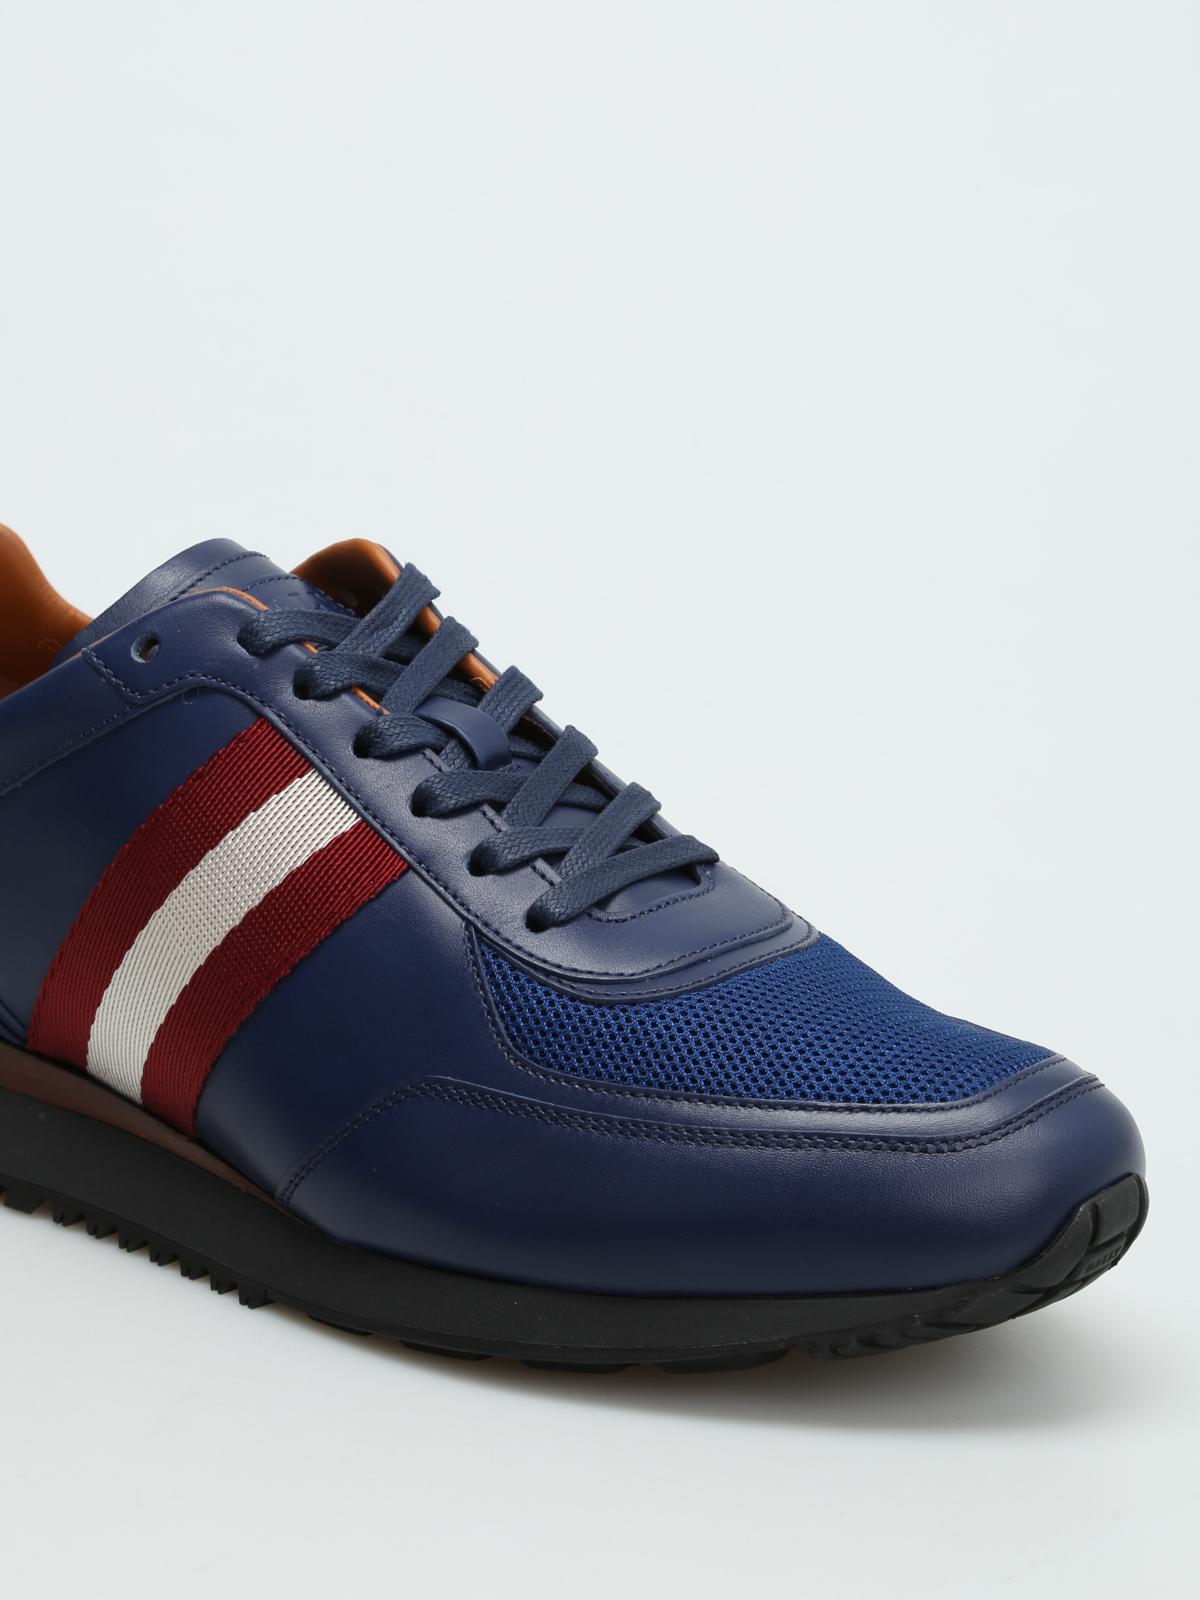 Bally - Aston leather sneakers - اسپرت